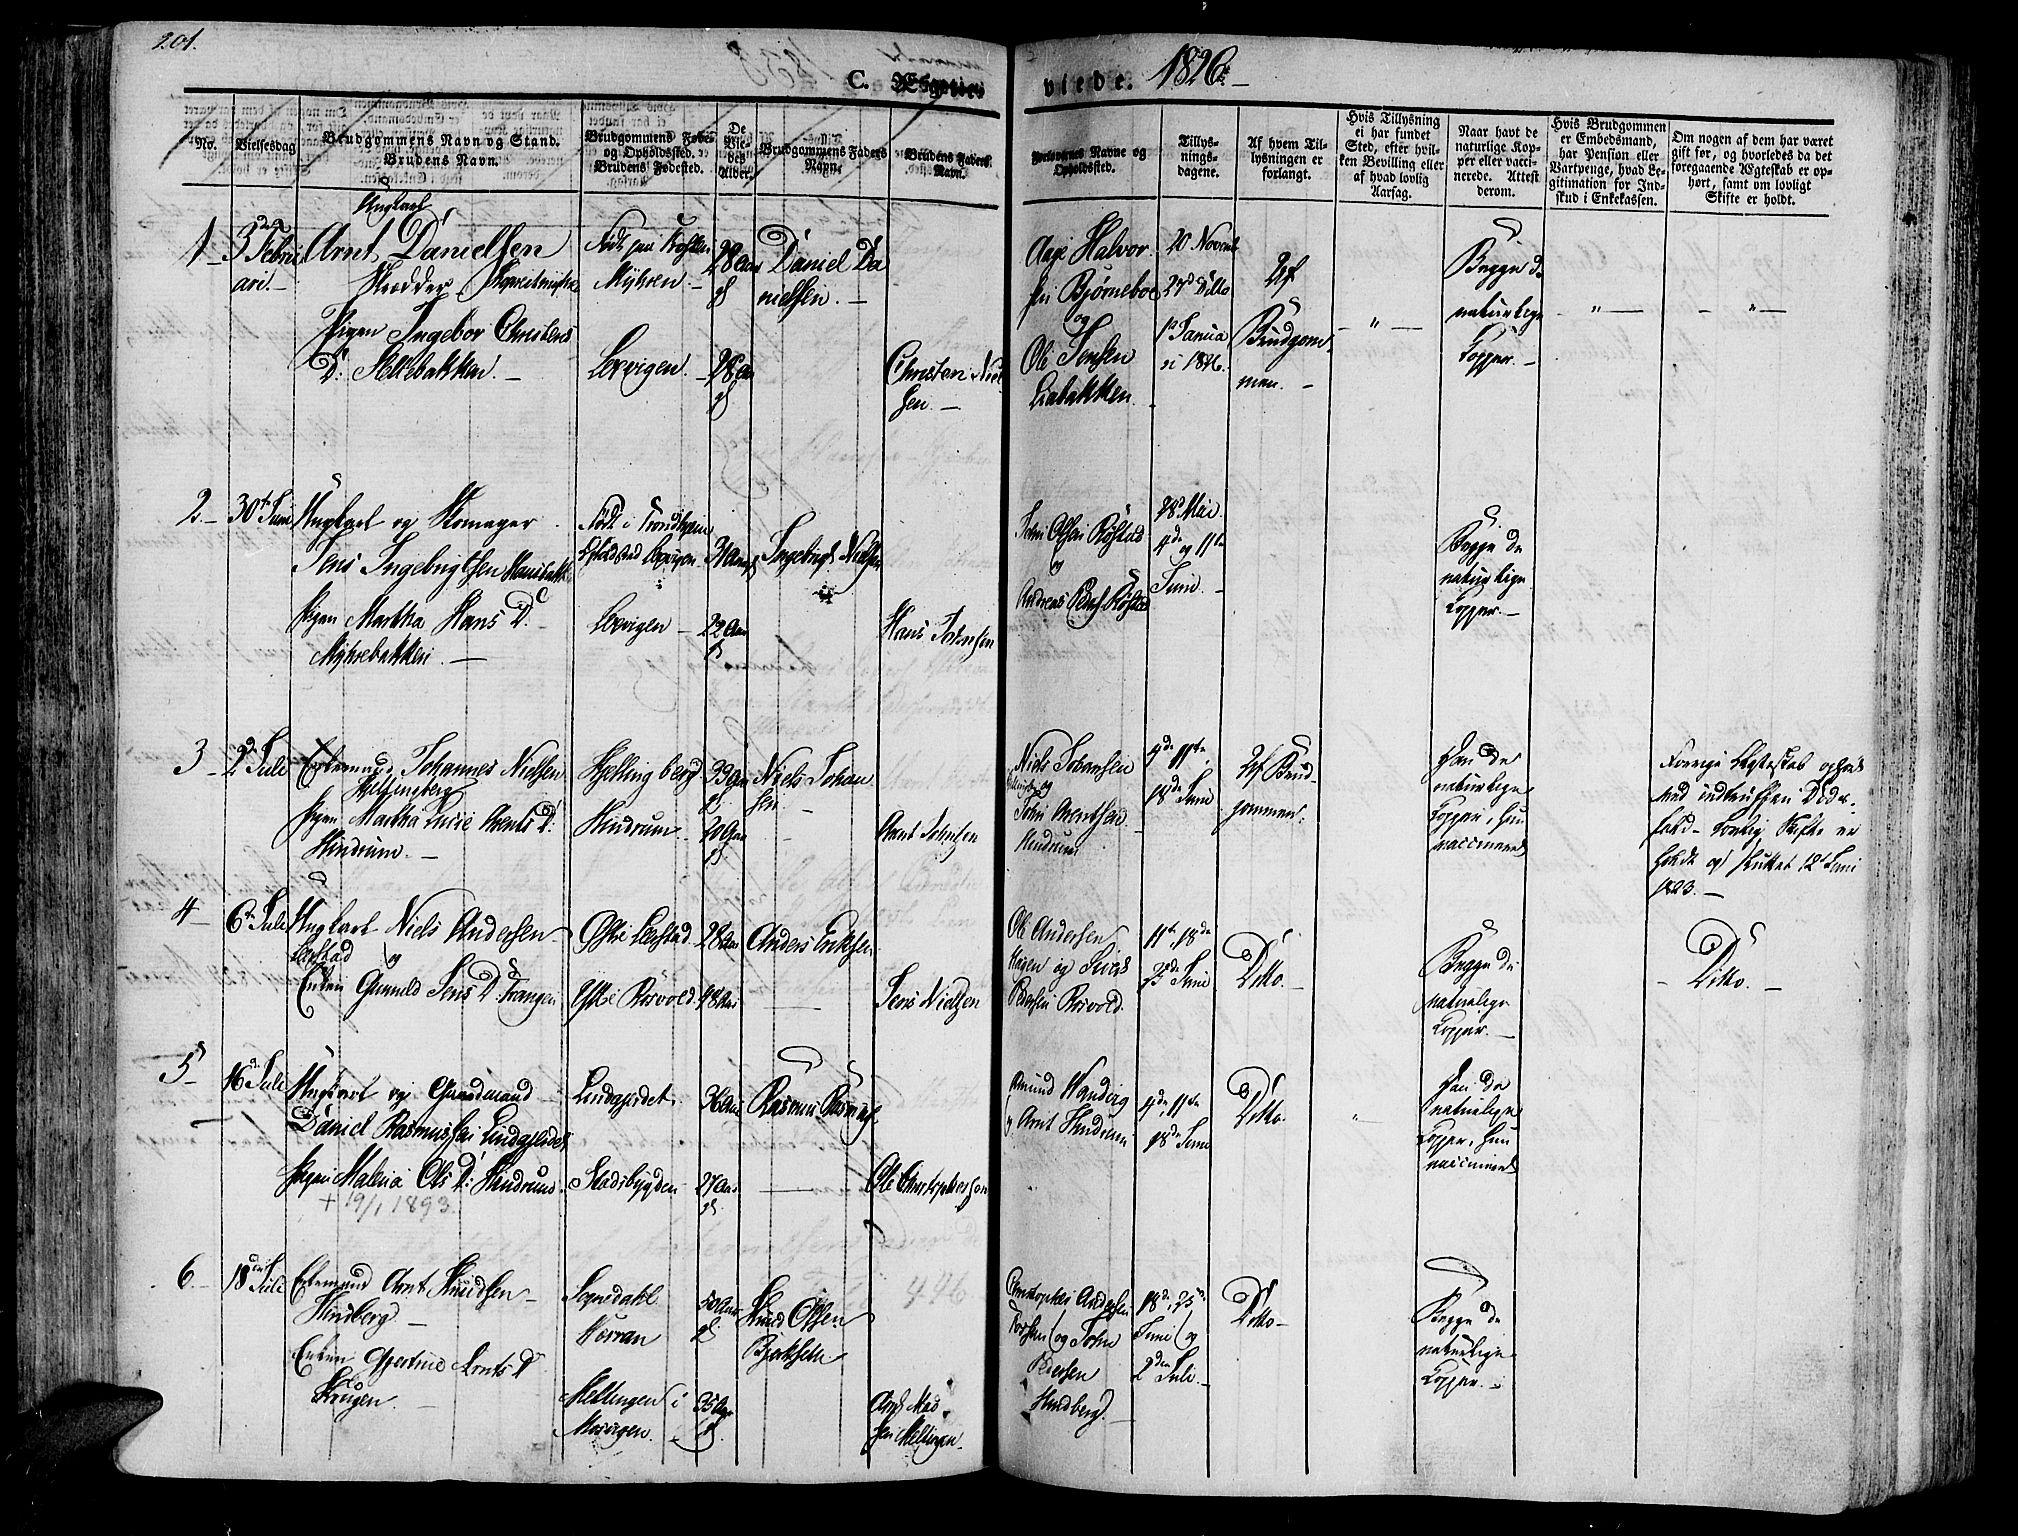 SAT, Ministerialprotokoller, klokkerbøker og fødselsregistre - Nord-Trøndelag, 701/L0006: Parish register (official) no. 701A06, 1825-1841, p. 201